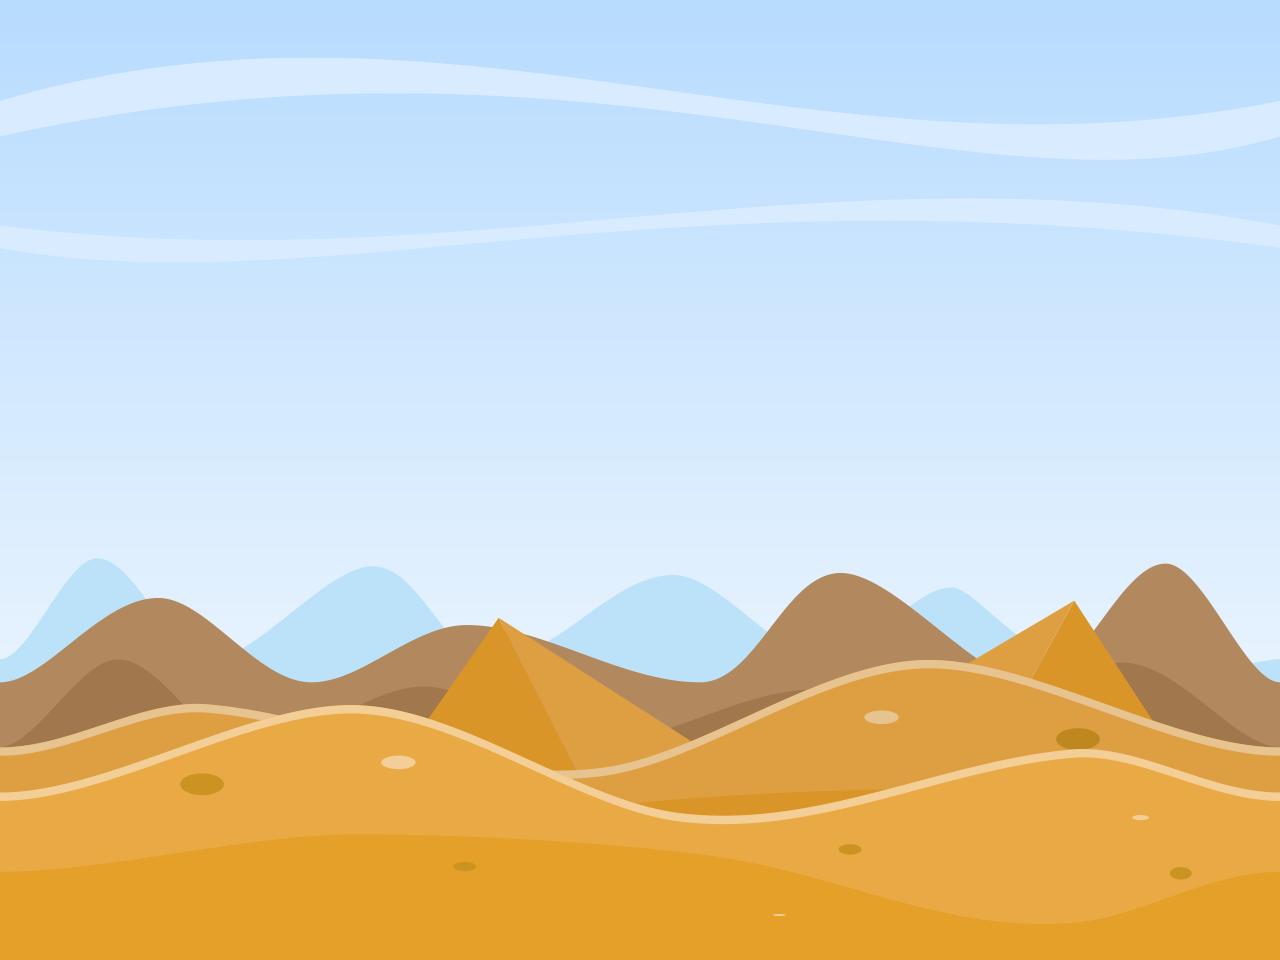 Free desert scene clip art